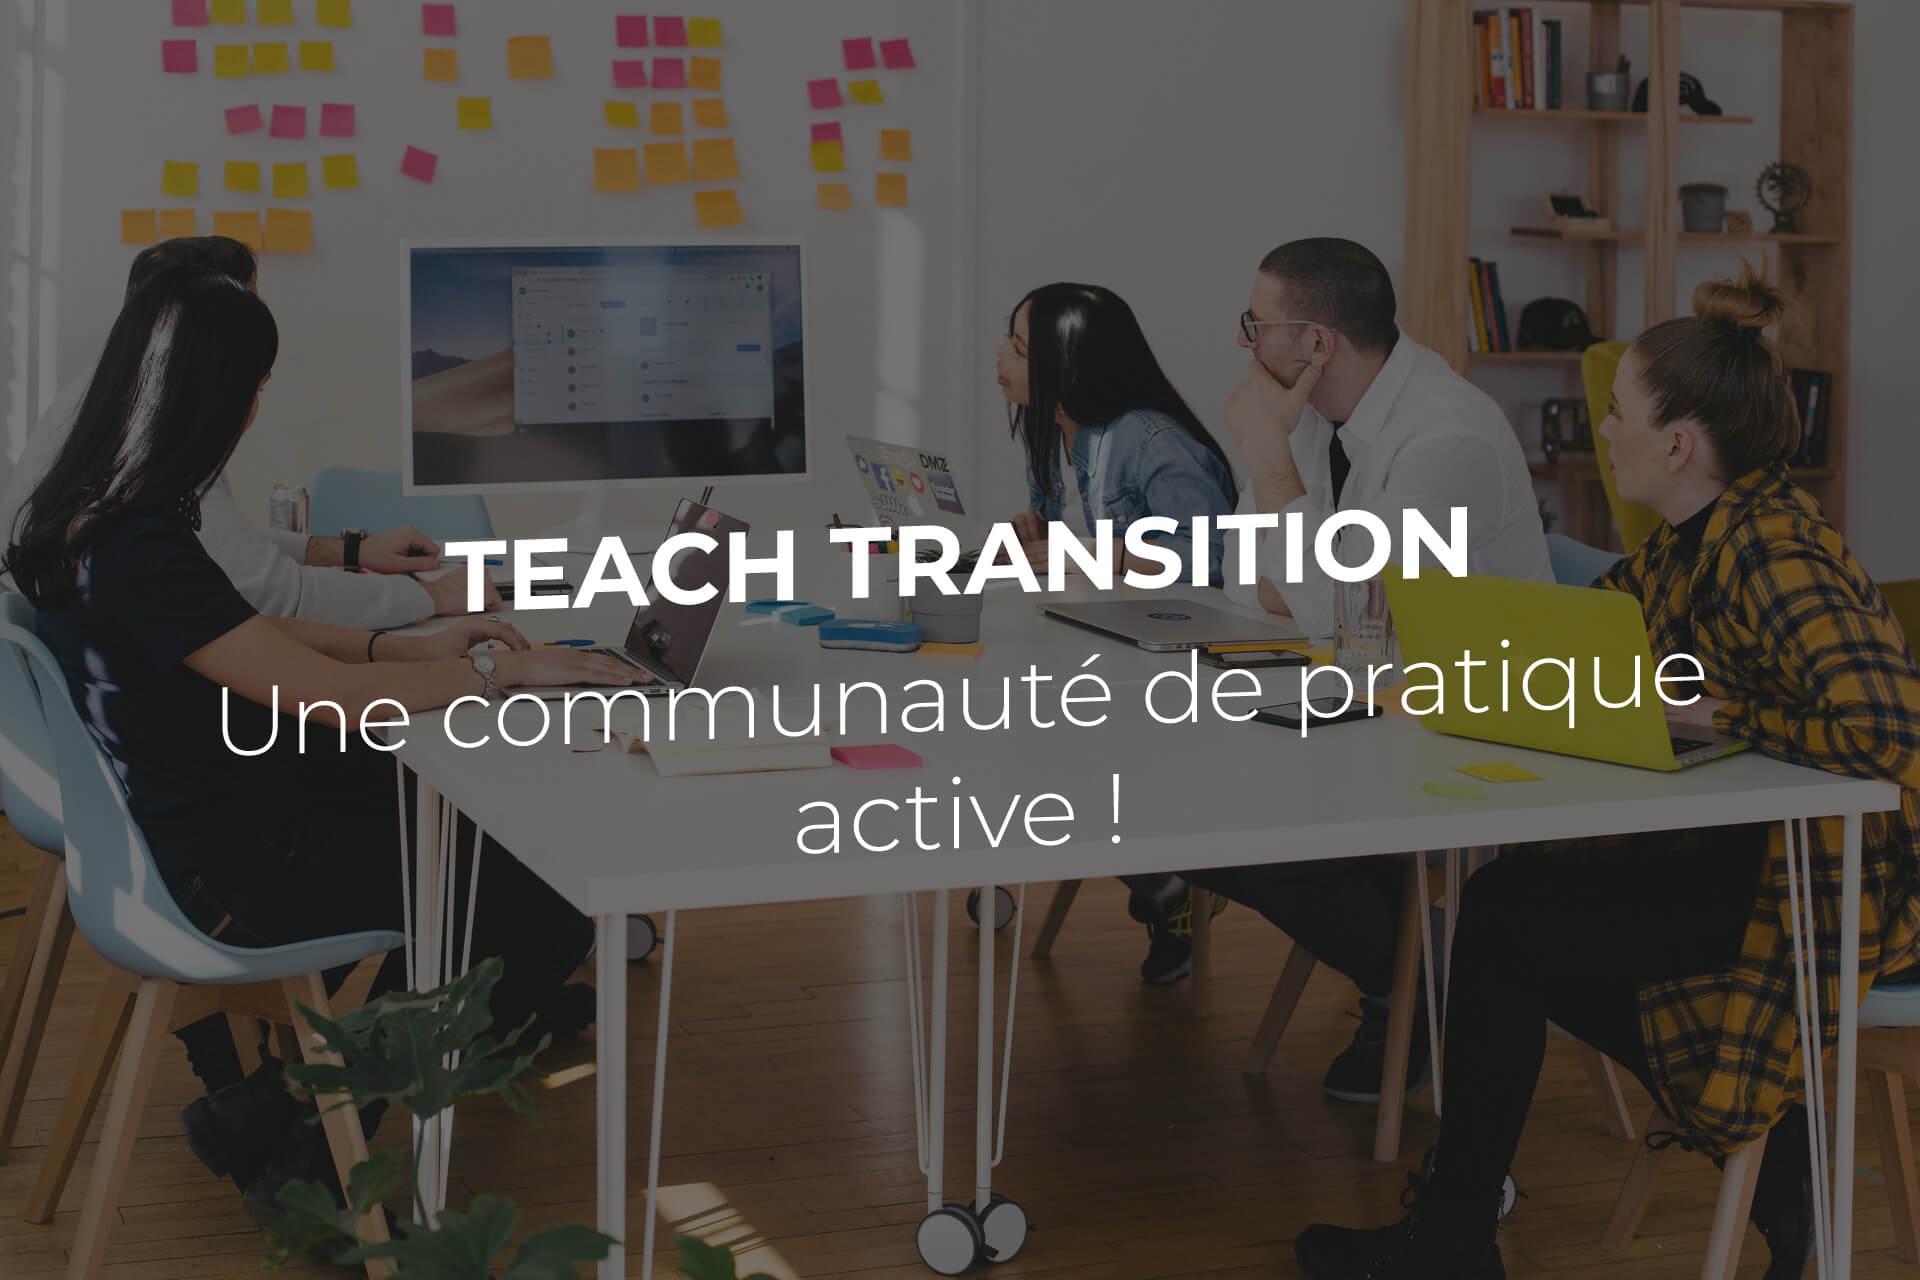 Cop teach transition communauté de pratique